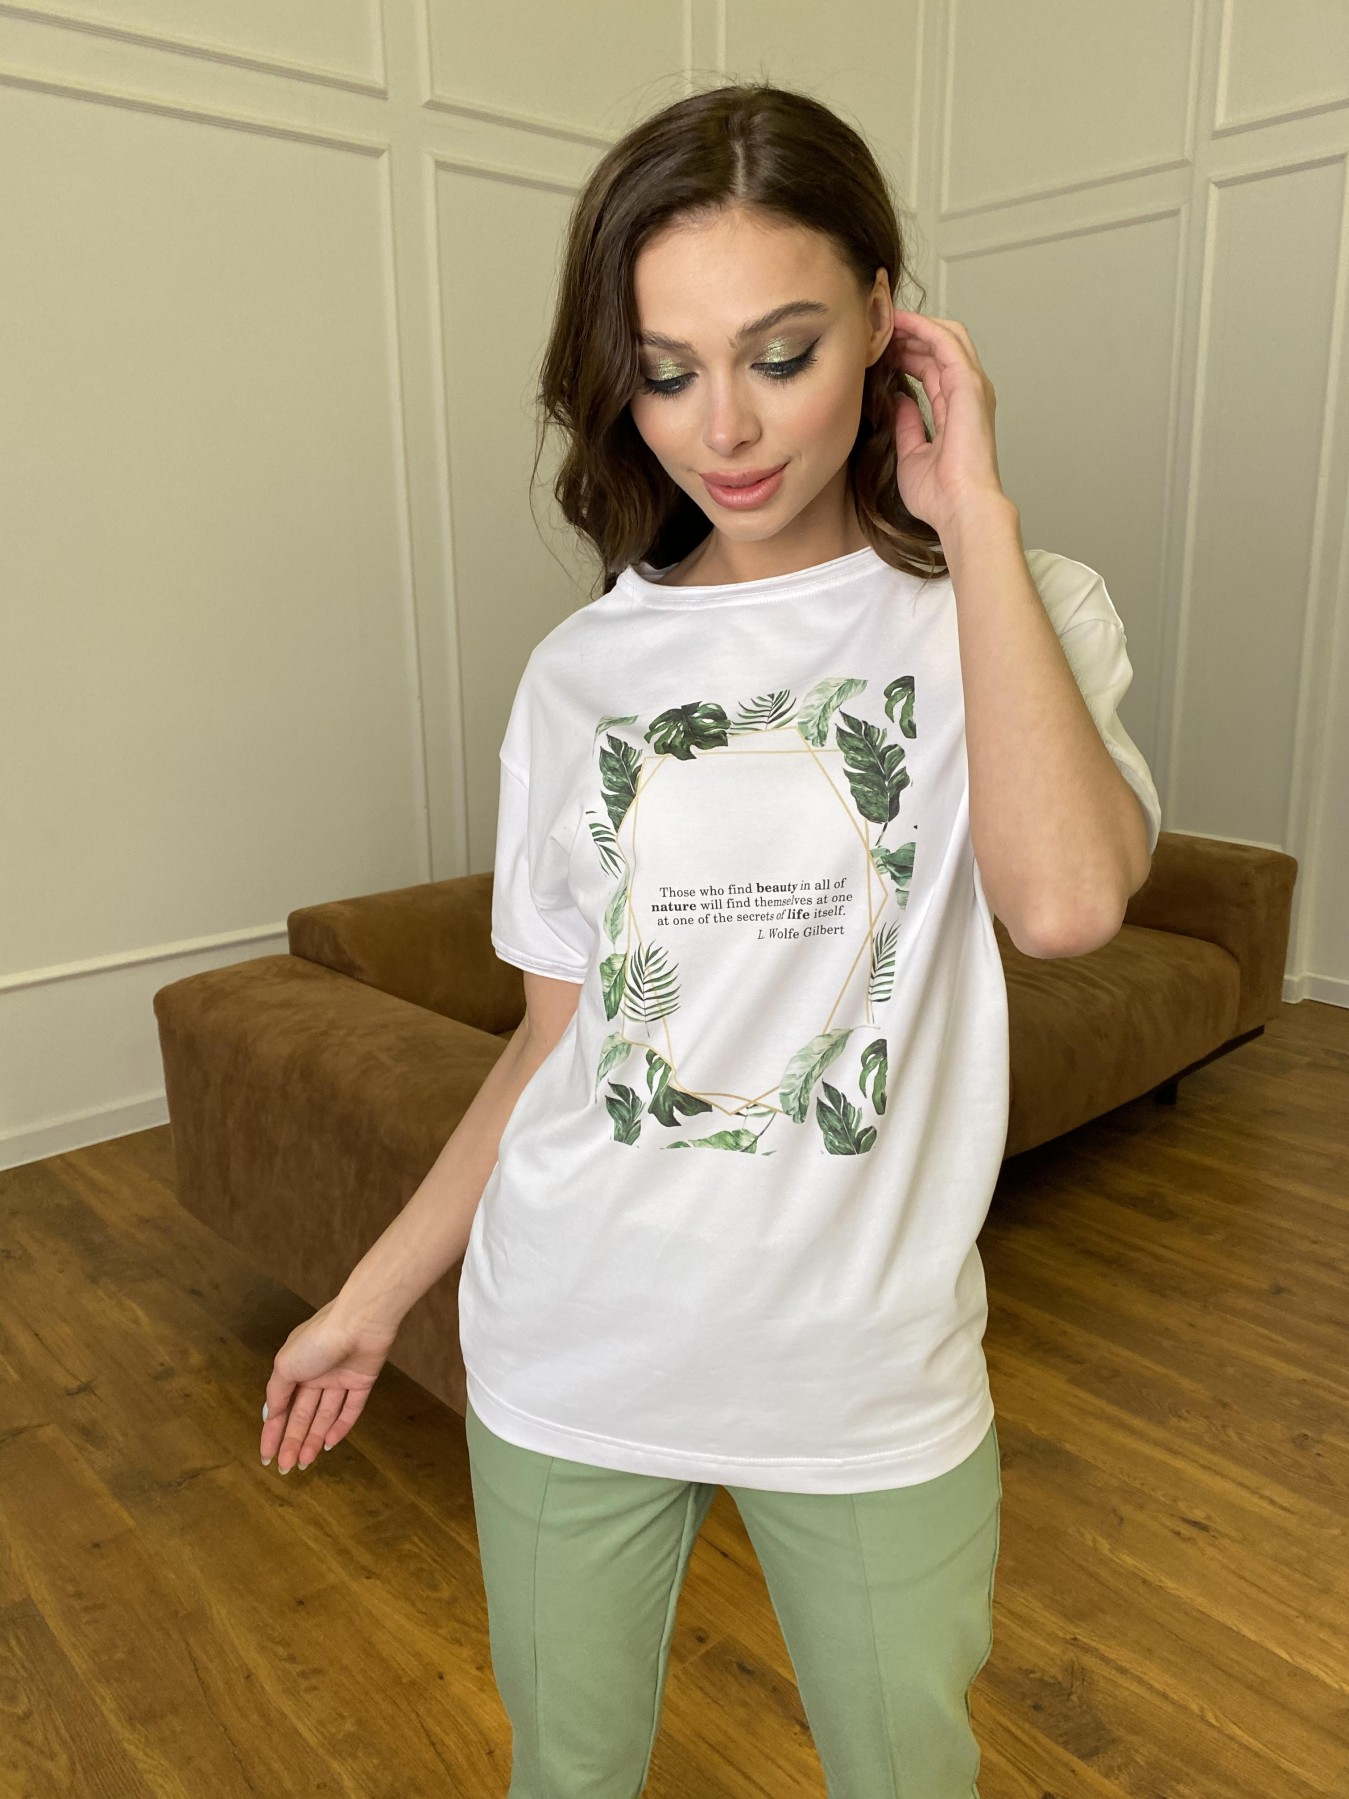 Тропик футболка из вискозы однотонная хлопок 11240 АРТ. 47761 Цвет: Белый - фото 2, интернет магазин tm-modus.ru